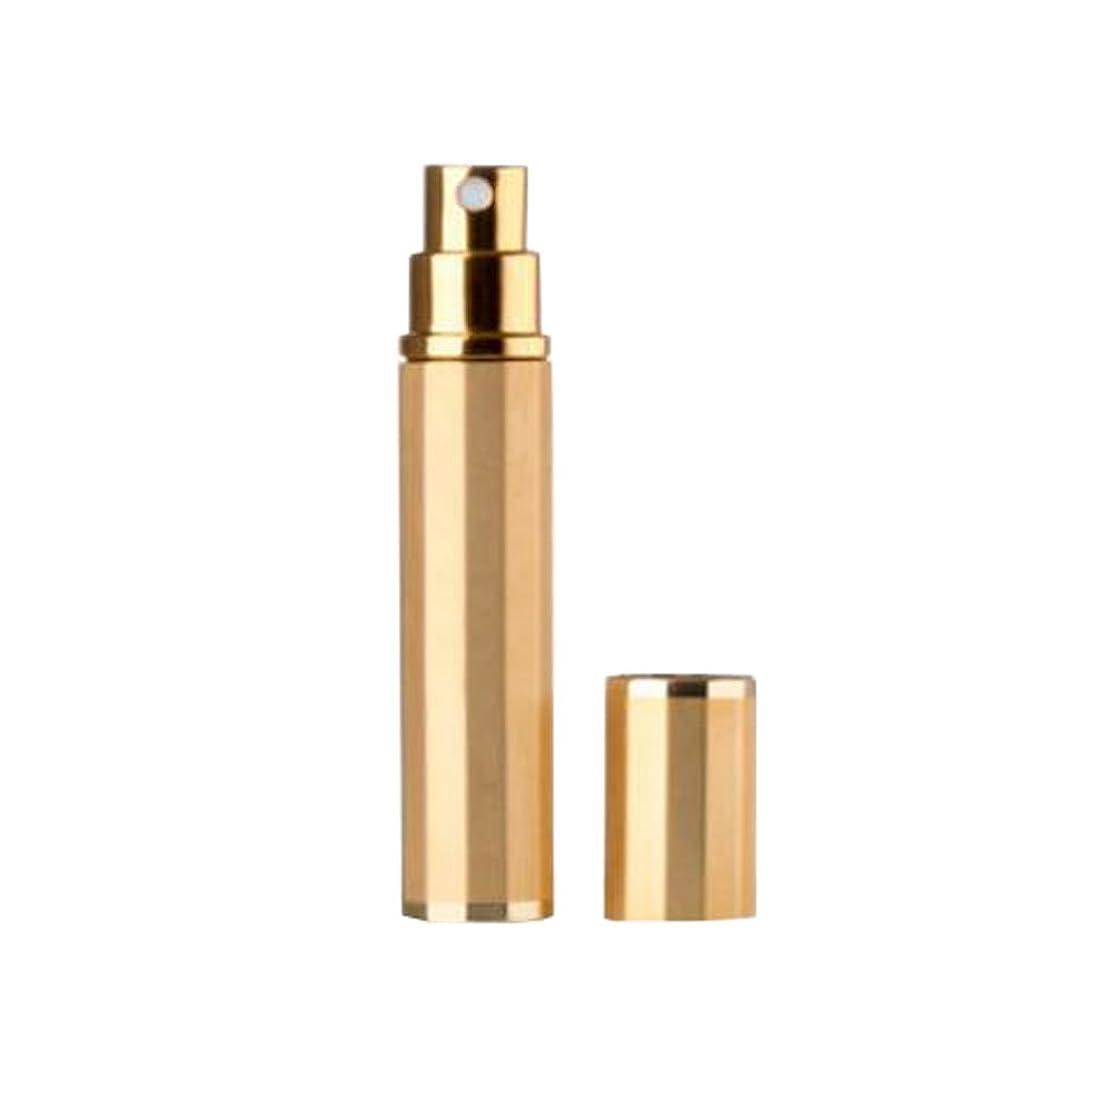 ばか電話するとまり木香水ボトルポータブル旅行空スプレーボトル(8ML)-A2